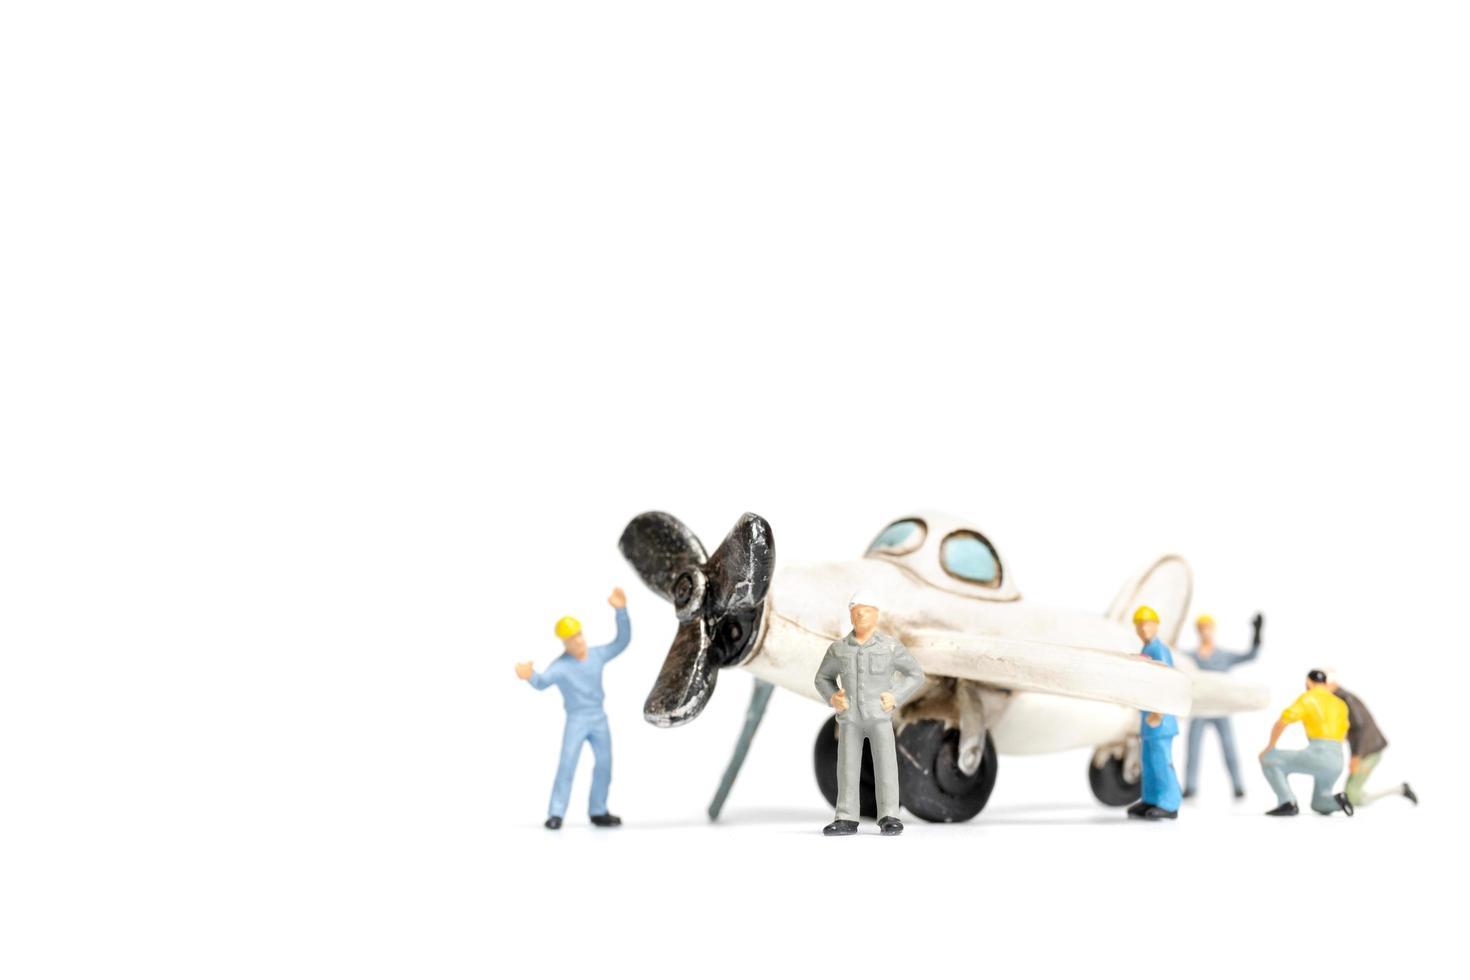 miniatuurarbeiders die een stuk speelgoed vliegtuig op een witte achtergrond herstellen foto